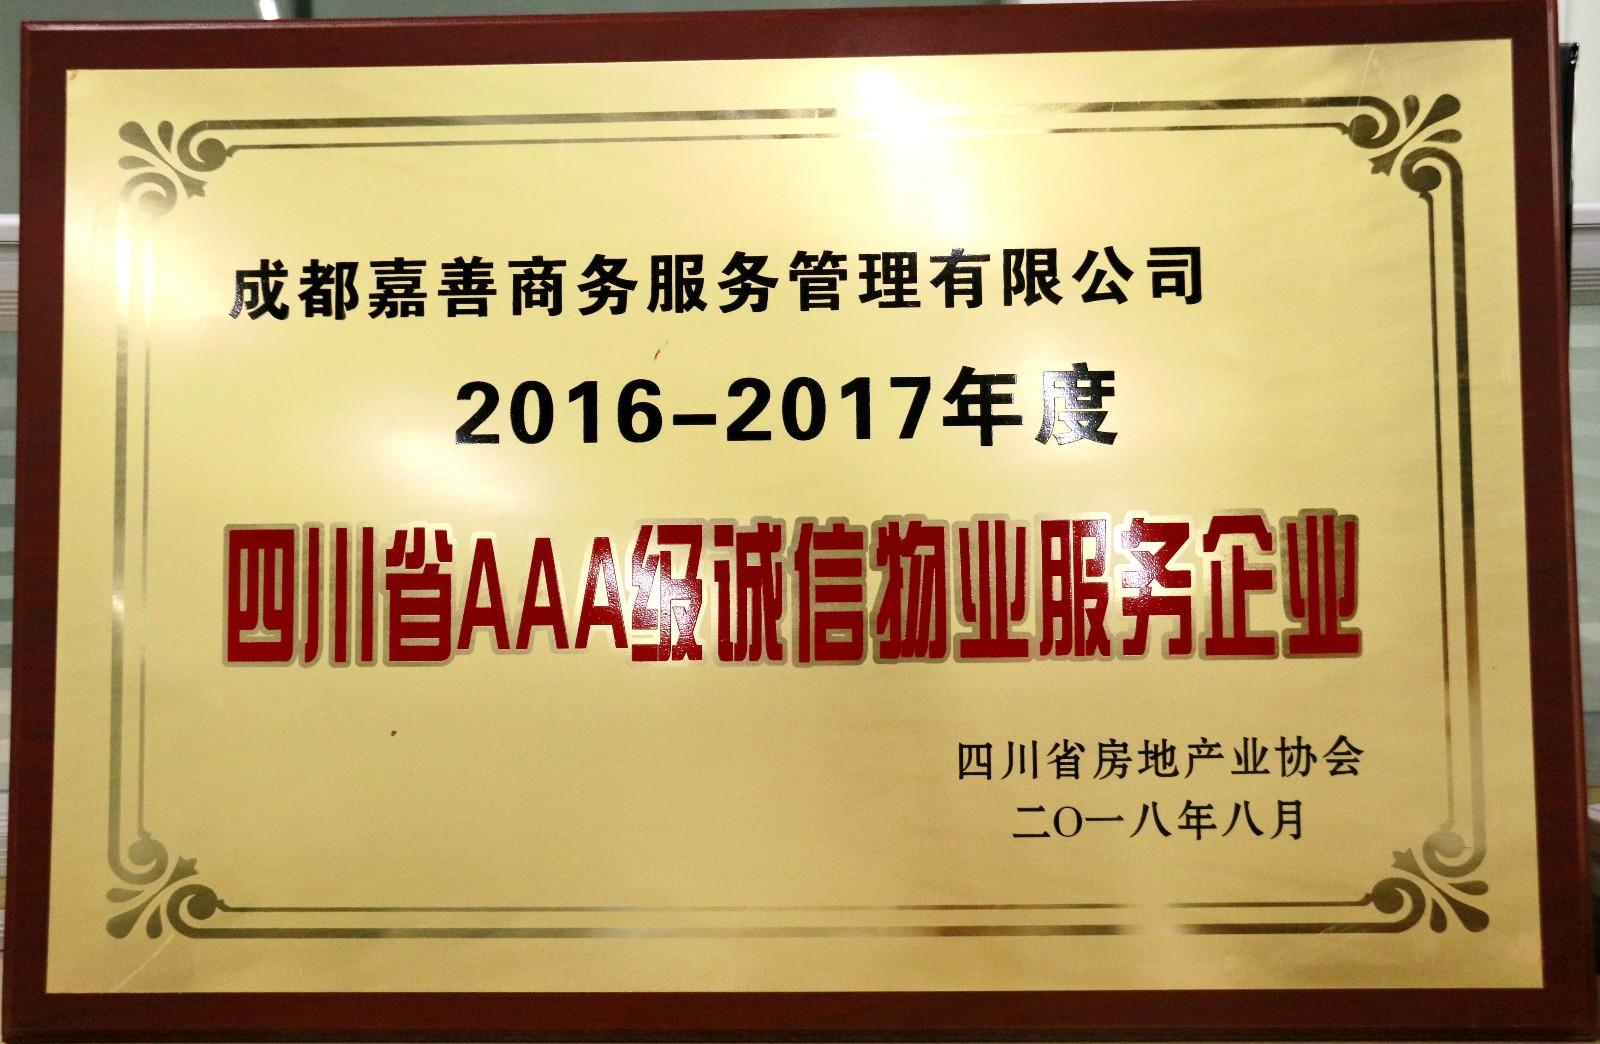 2016-2017年度四川省AAA级诚信物业服务企业